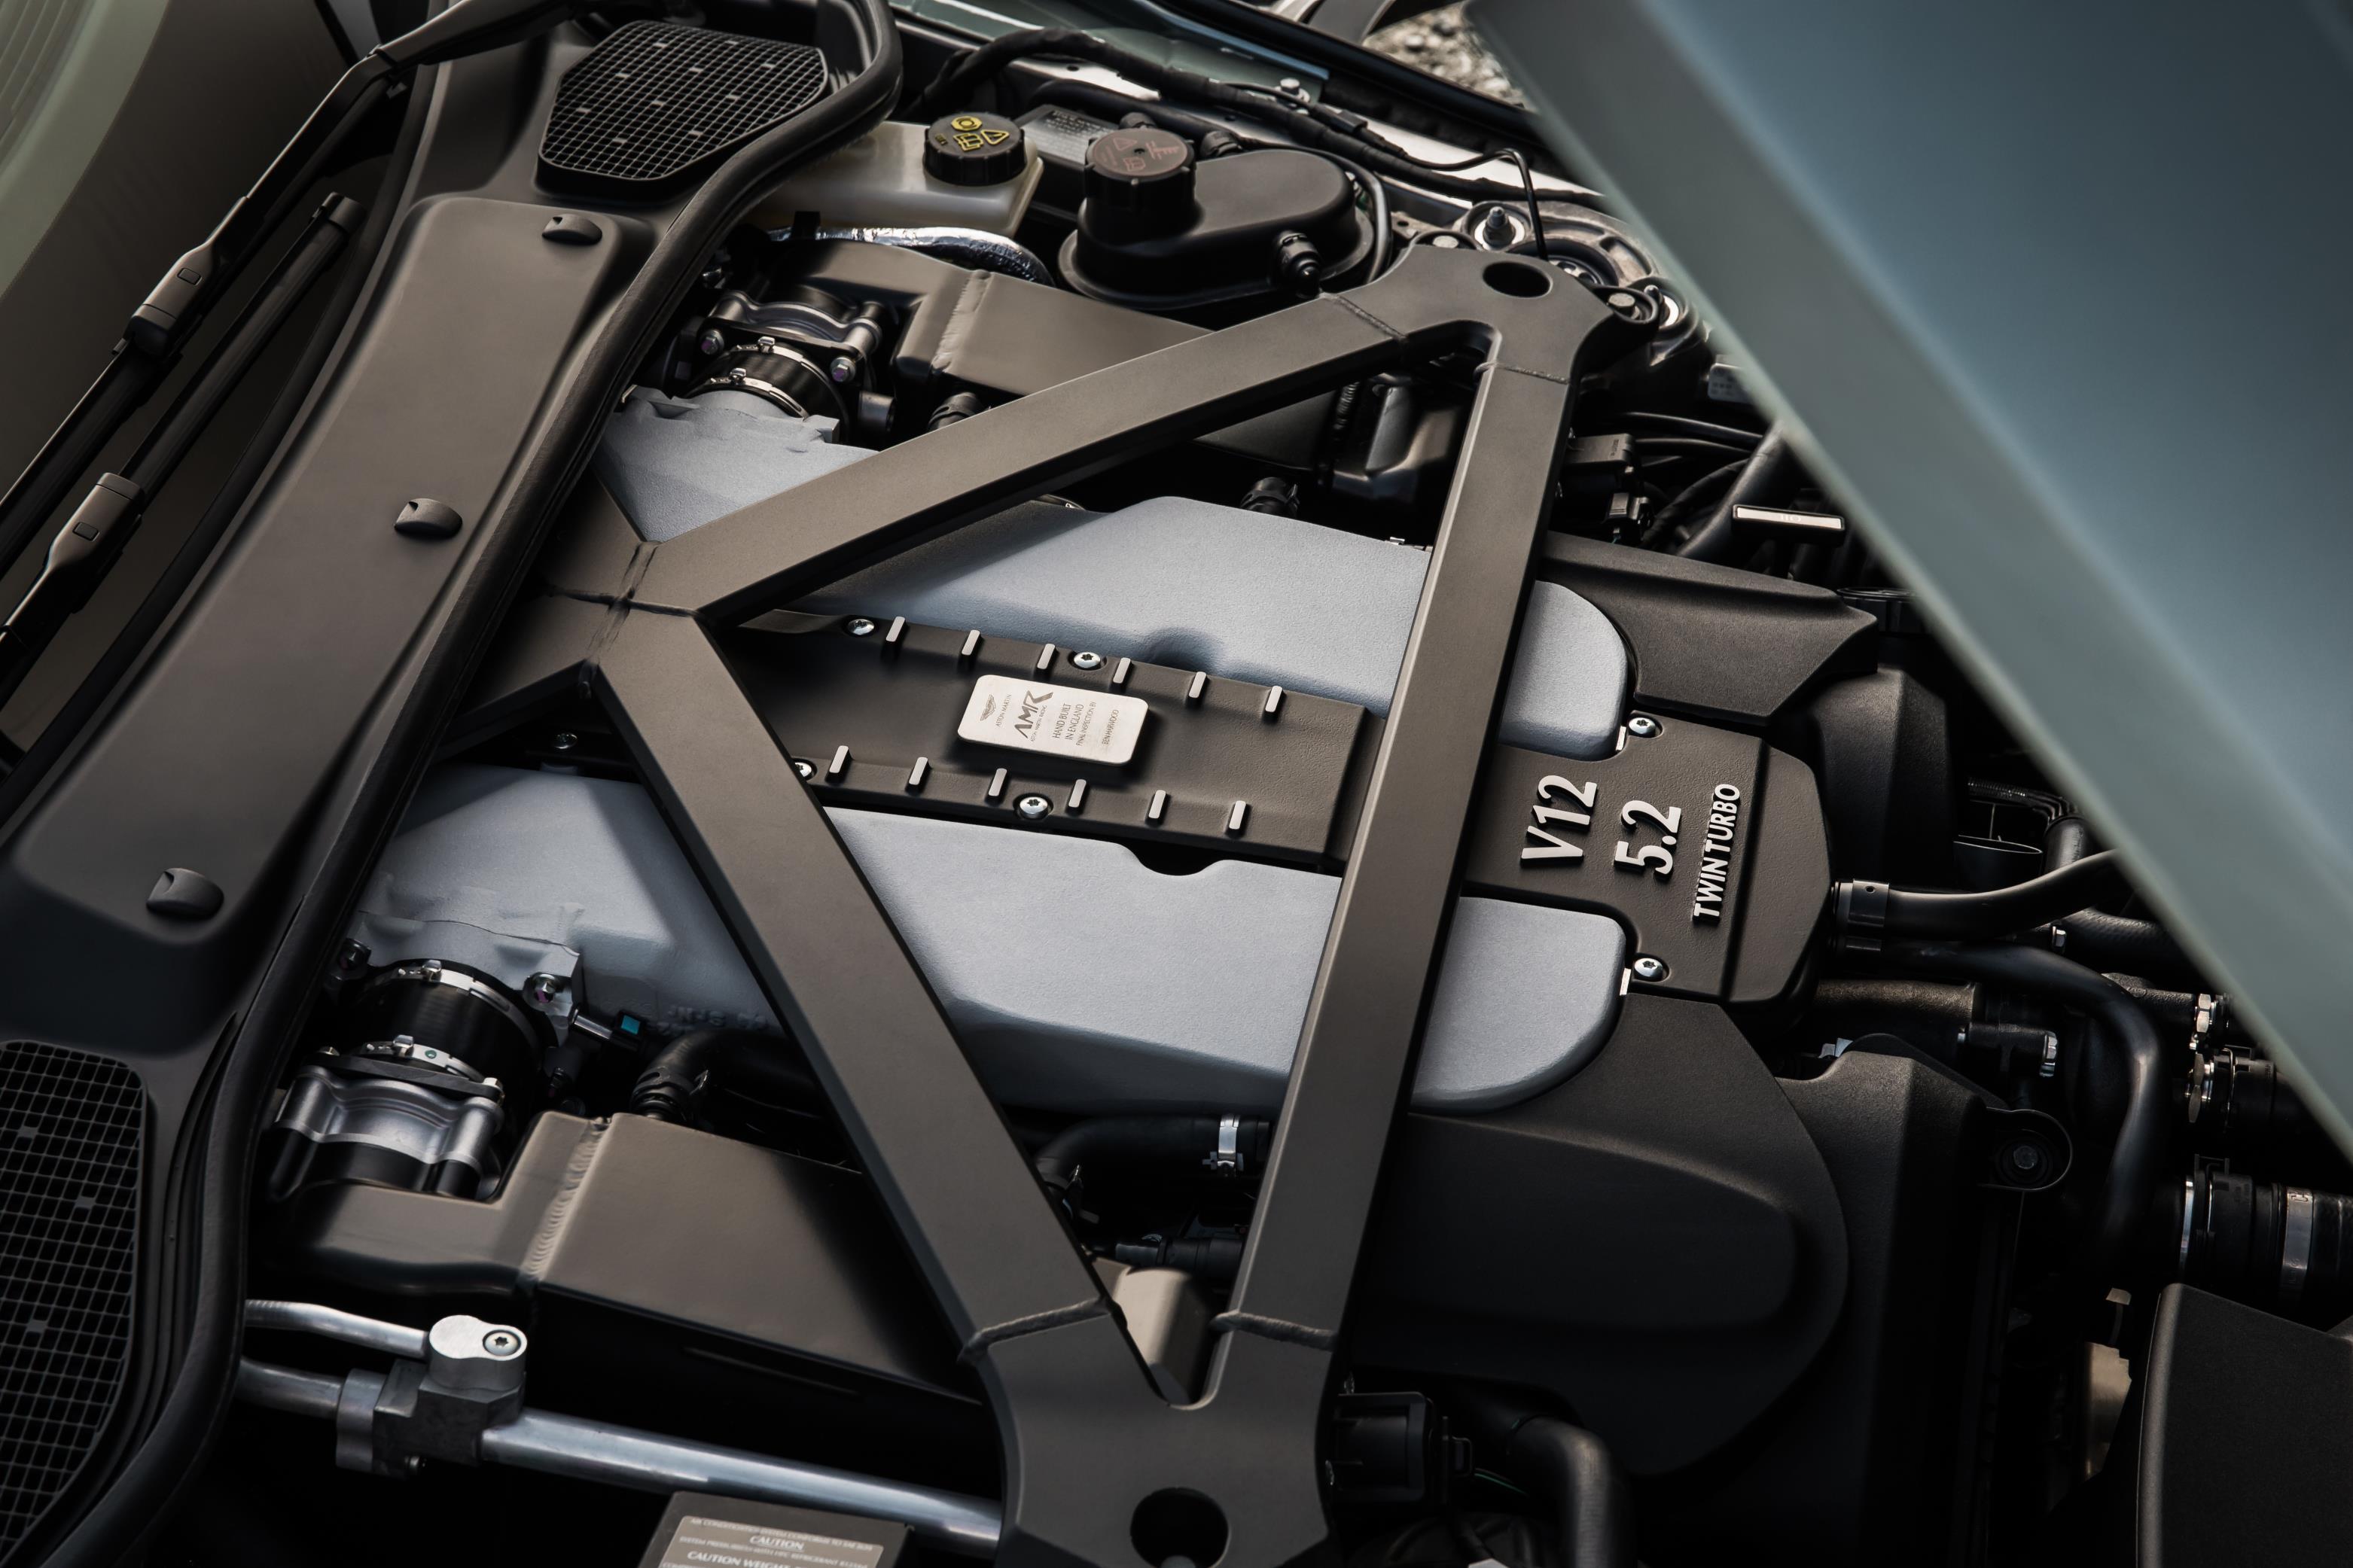 Aston Martin предложит специальный выпуск DB11 AMR с тремя дизайнерскими спецификациями, а также эксклюзивным выпуском AMR Signature Edition, который получит яркую ливрею в желто-зеленых цветах.